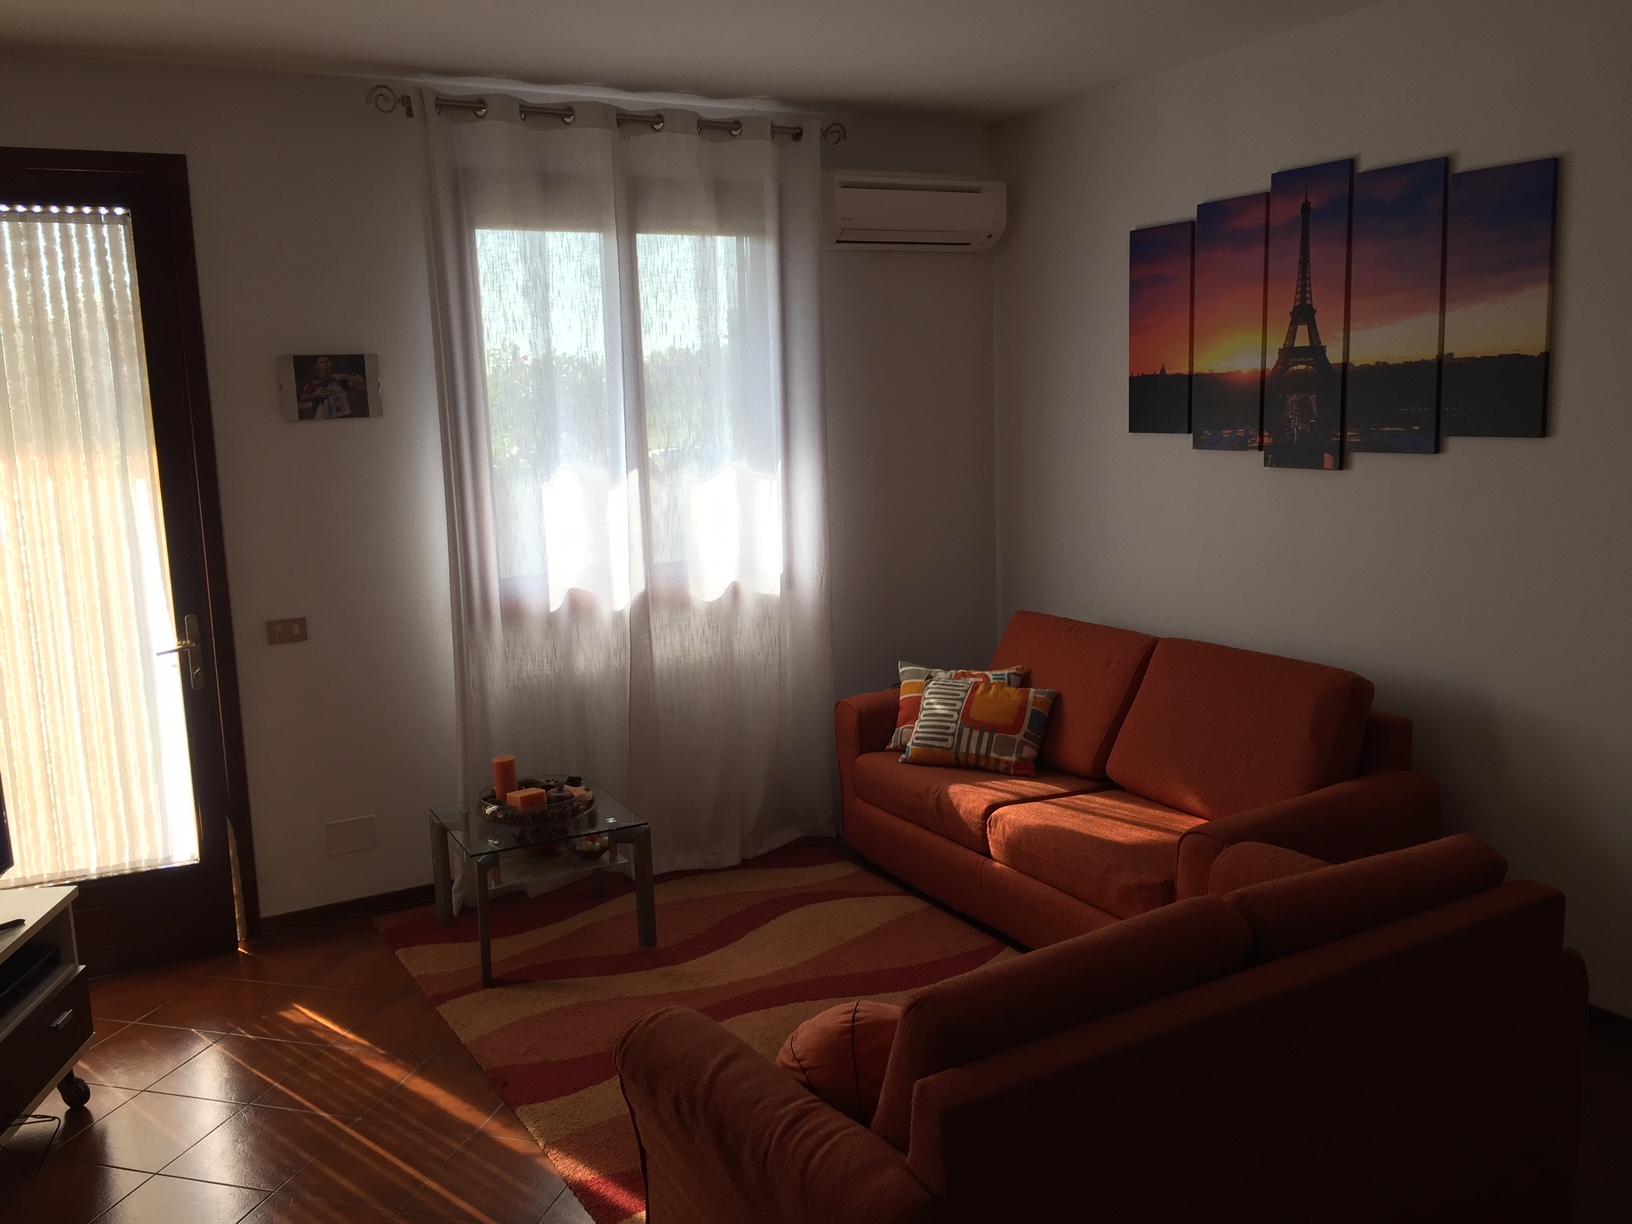 Appartamento in vendita a Preganziol, 2 locali, zona cada, prezzo € 110.000 | PortaleAgenzieImmobiliari.it